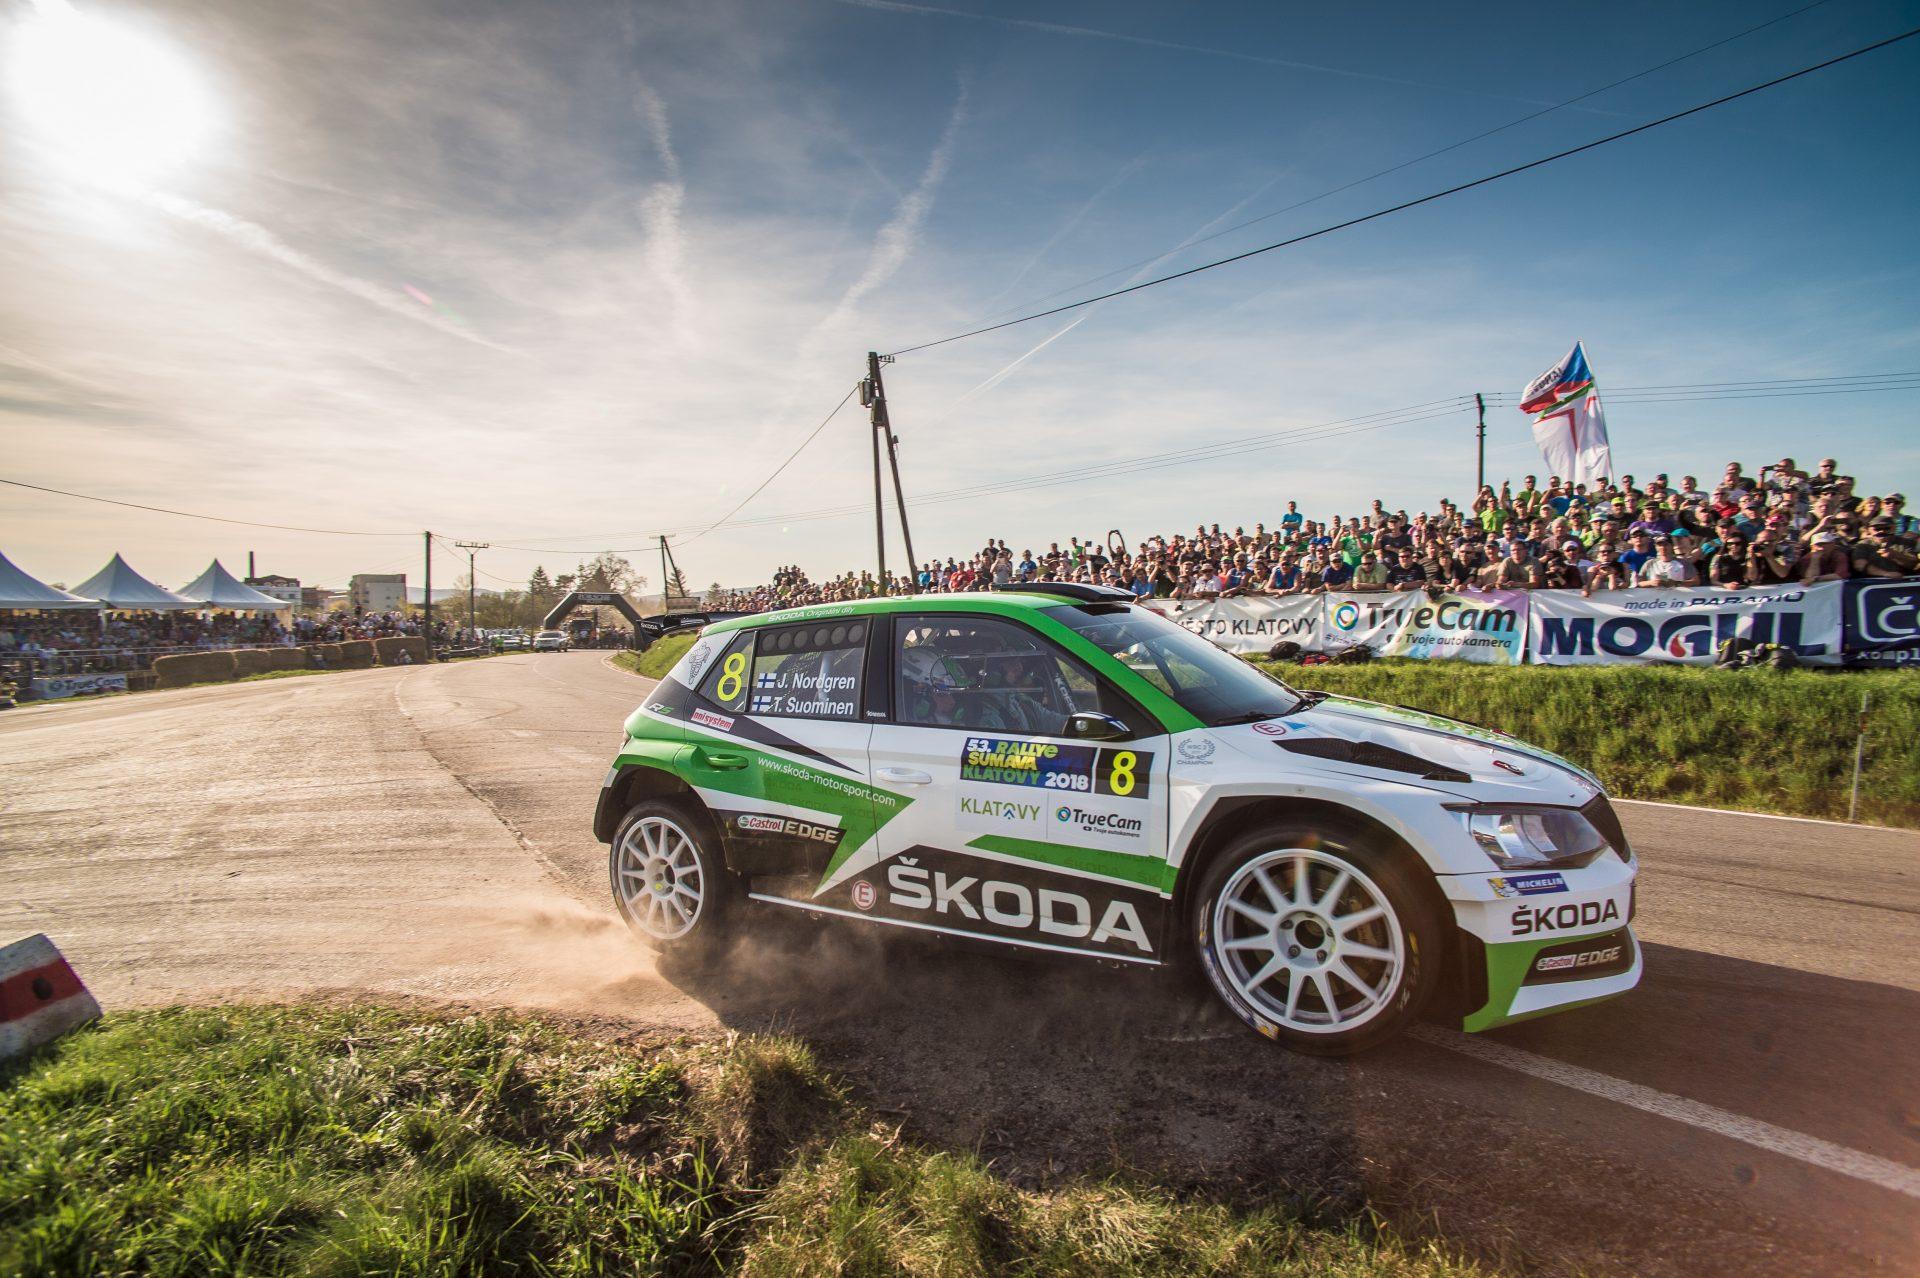 Rallye Šumava Klatovy: Obě tovární posádky na stupních vítězů, Kopecký 1., Nordgren 3. místo